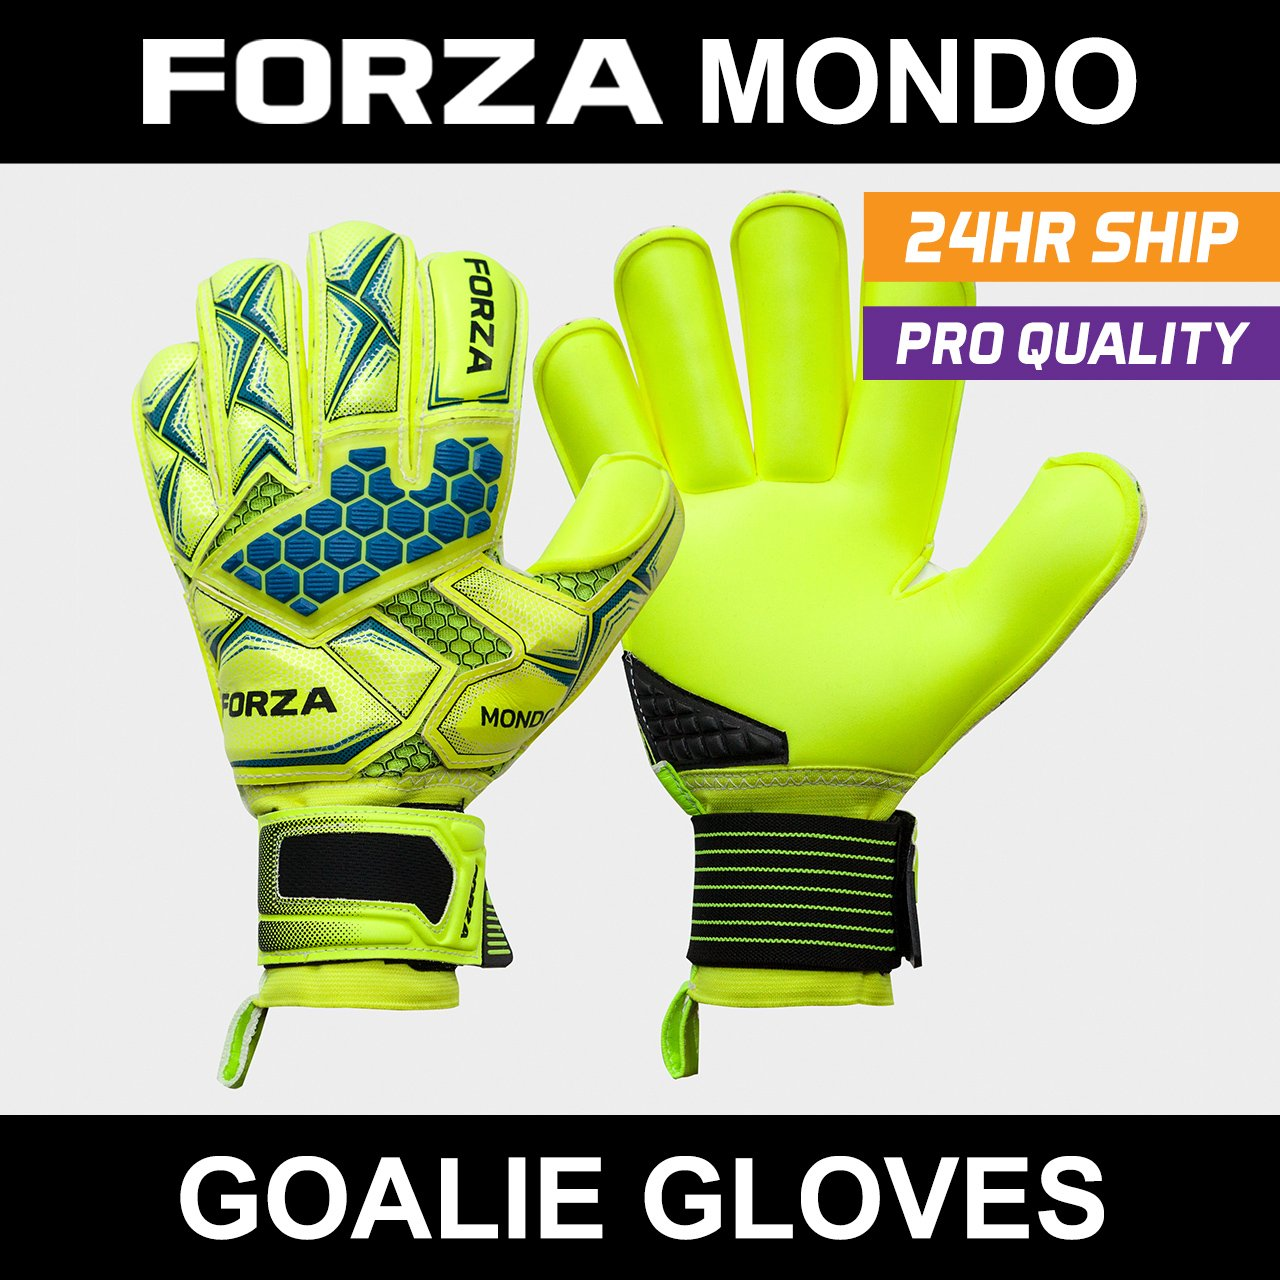 Forza Mondoゴールキーパーグローブ – The Very Bestマーカーfor EliteサッカーゴールキーパーグローブのStoppers – のさまざまなサイズ可能[ Net世界スポーツ] B077T2N8SBSize 9 (Medium Adult)